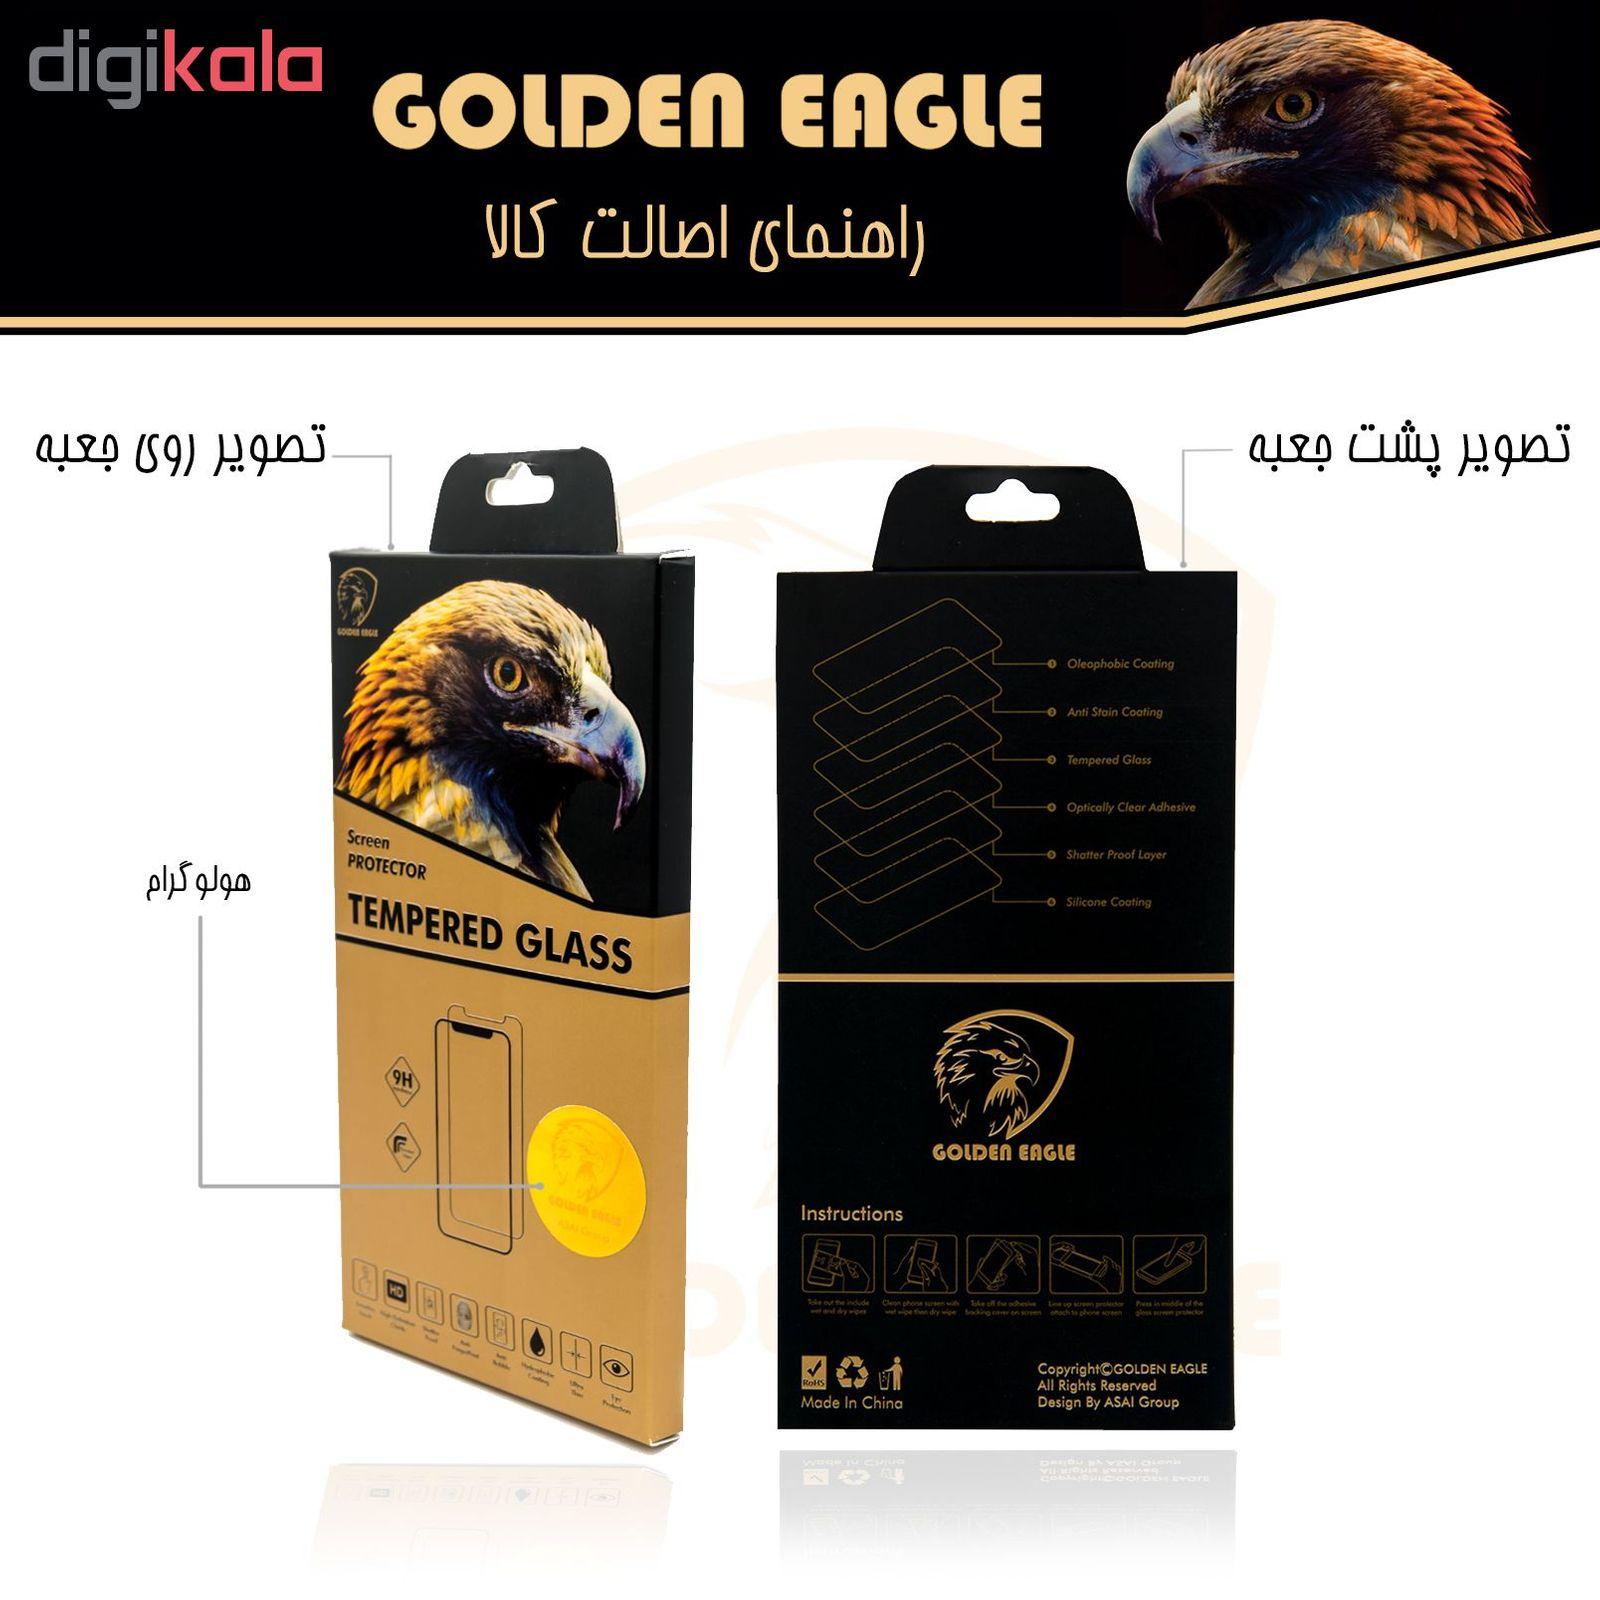 محافظ صفحه نمایش گلدن ایگل مدل DFC-X3 مناسب برای گوشی موبایل سامسونگ Galaxy Note 9 بسته سه عددی main 1 5